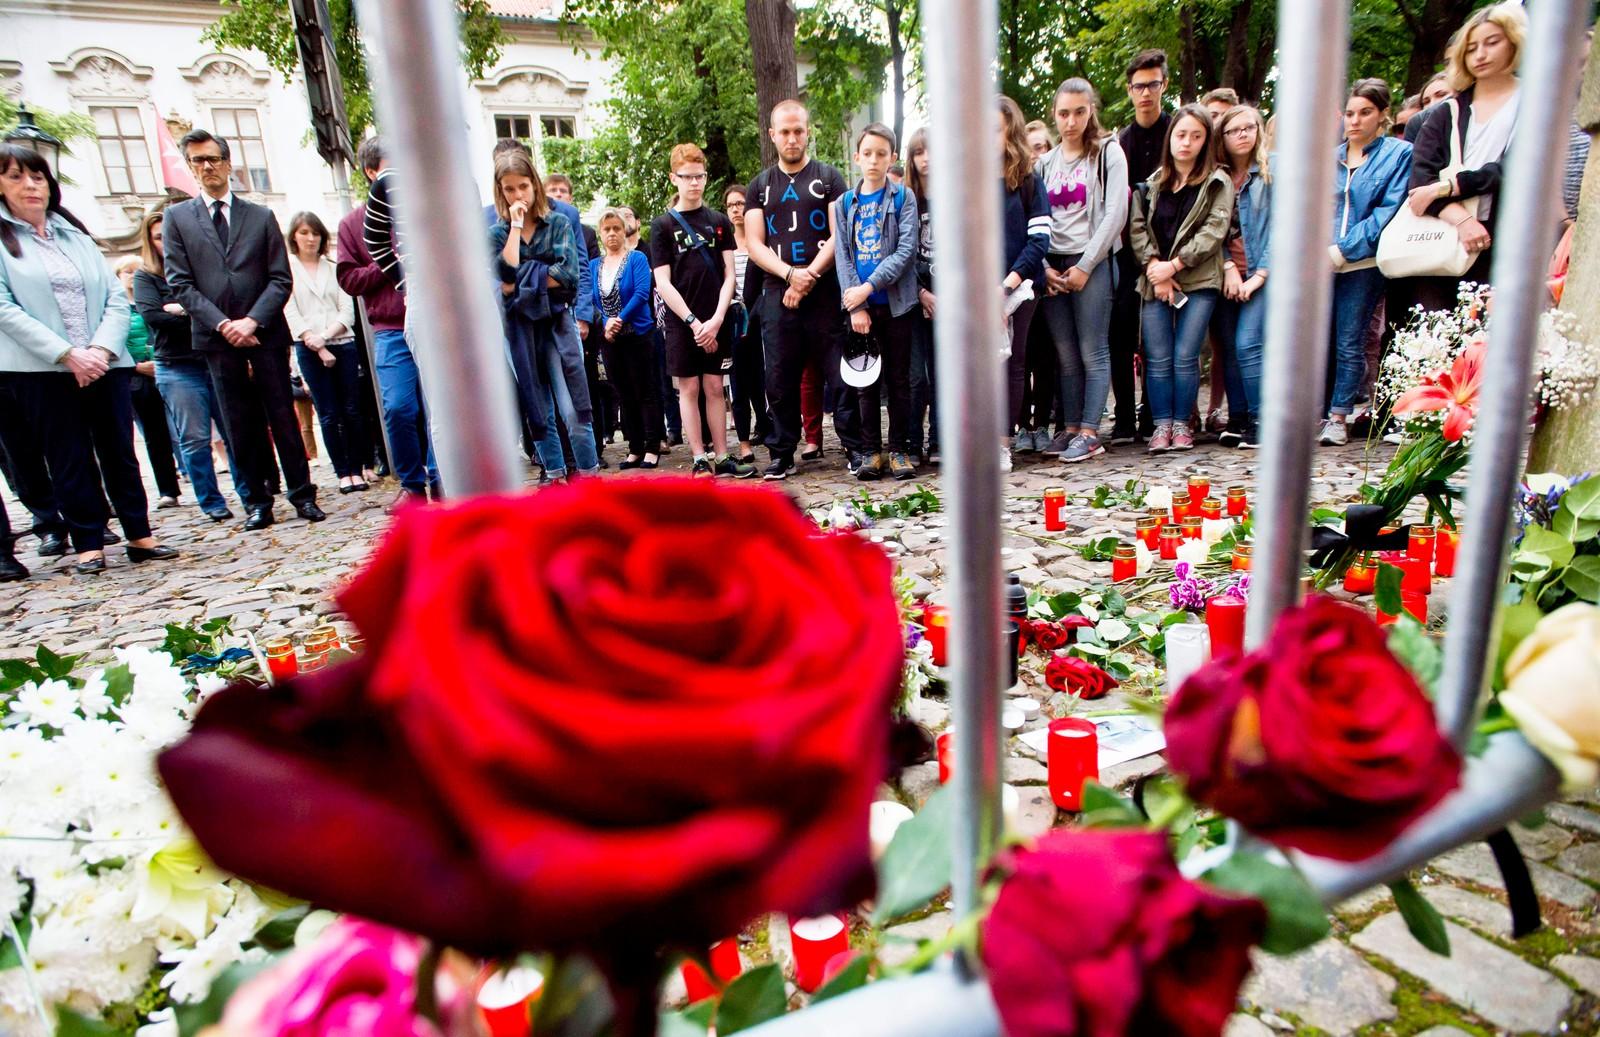 Roser til minne om terrorofrene i Nice i Praha, Tsjekkia.